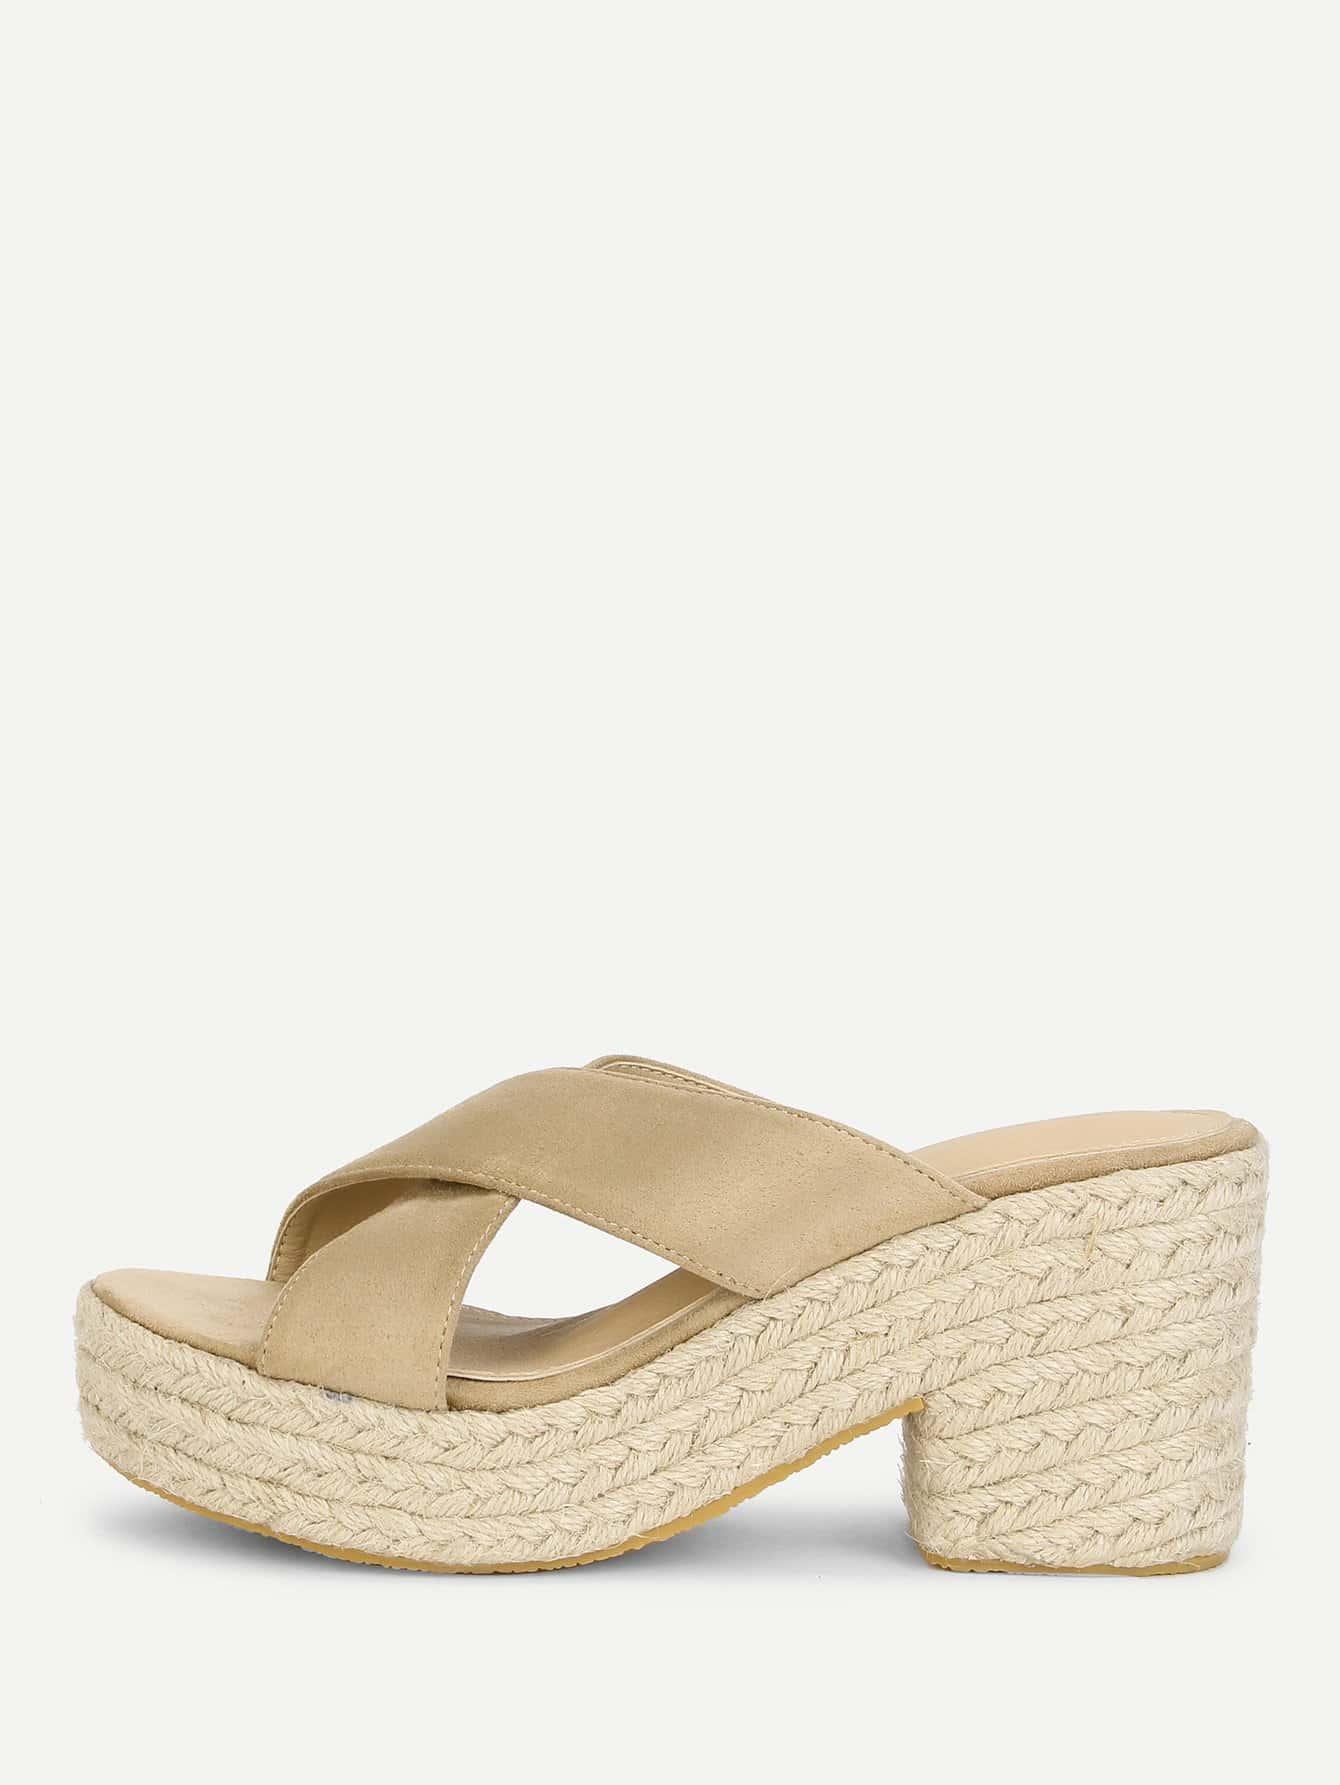 Criss Cross Suede Wedge Sandals cross cross suede wedge sandals